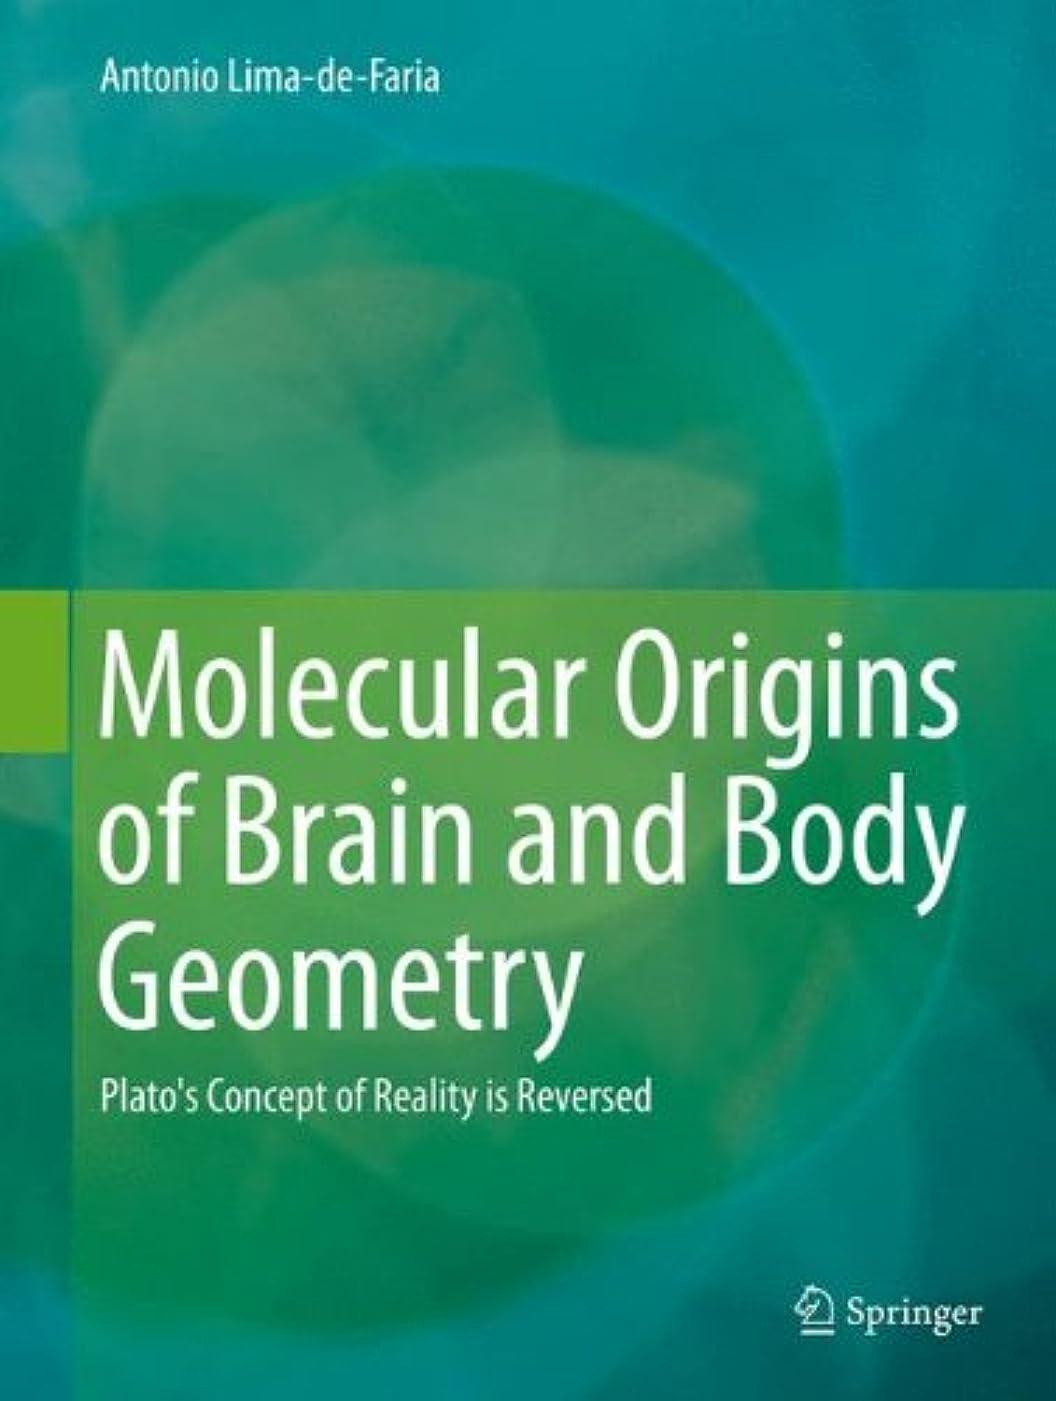 青写真酸っぱいカウントアップMolecular Origins of Brain and Body Geometry: Plato's Concept of Reality is Reversed